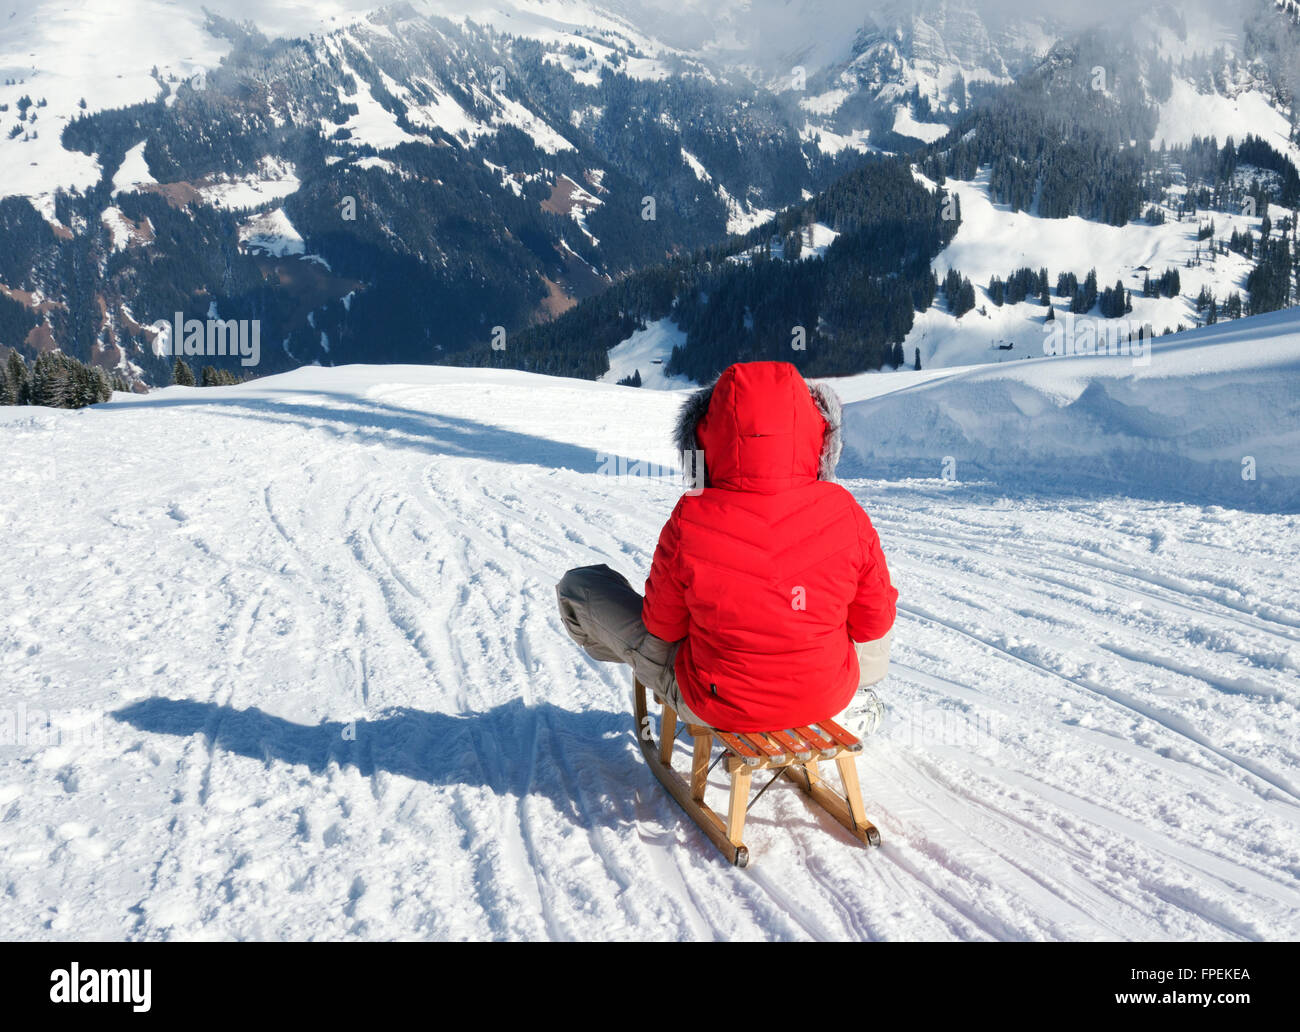 Una joven mujer trineo en los Alpes Suizos en vacaciones, en Lenk, Cantón de Berna, Suiza, Europa Imagen De Stock